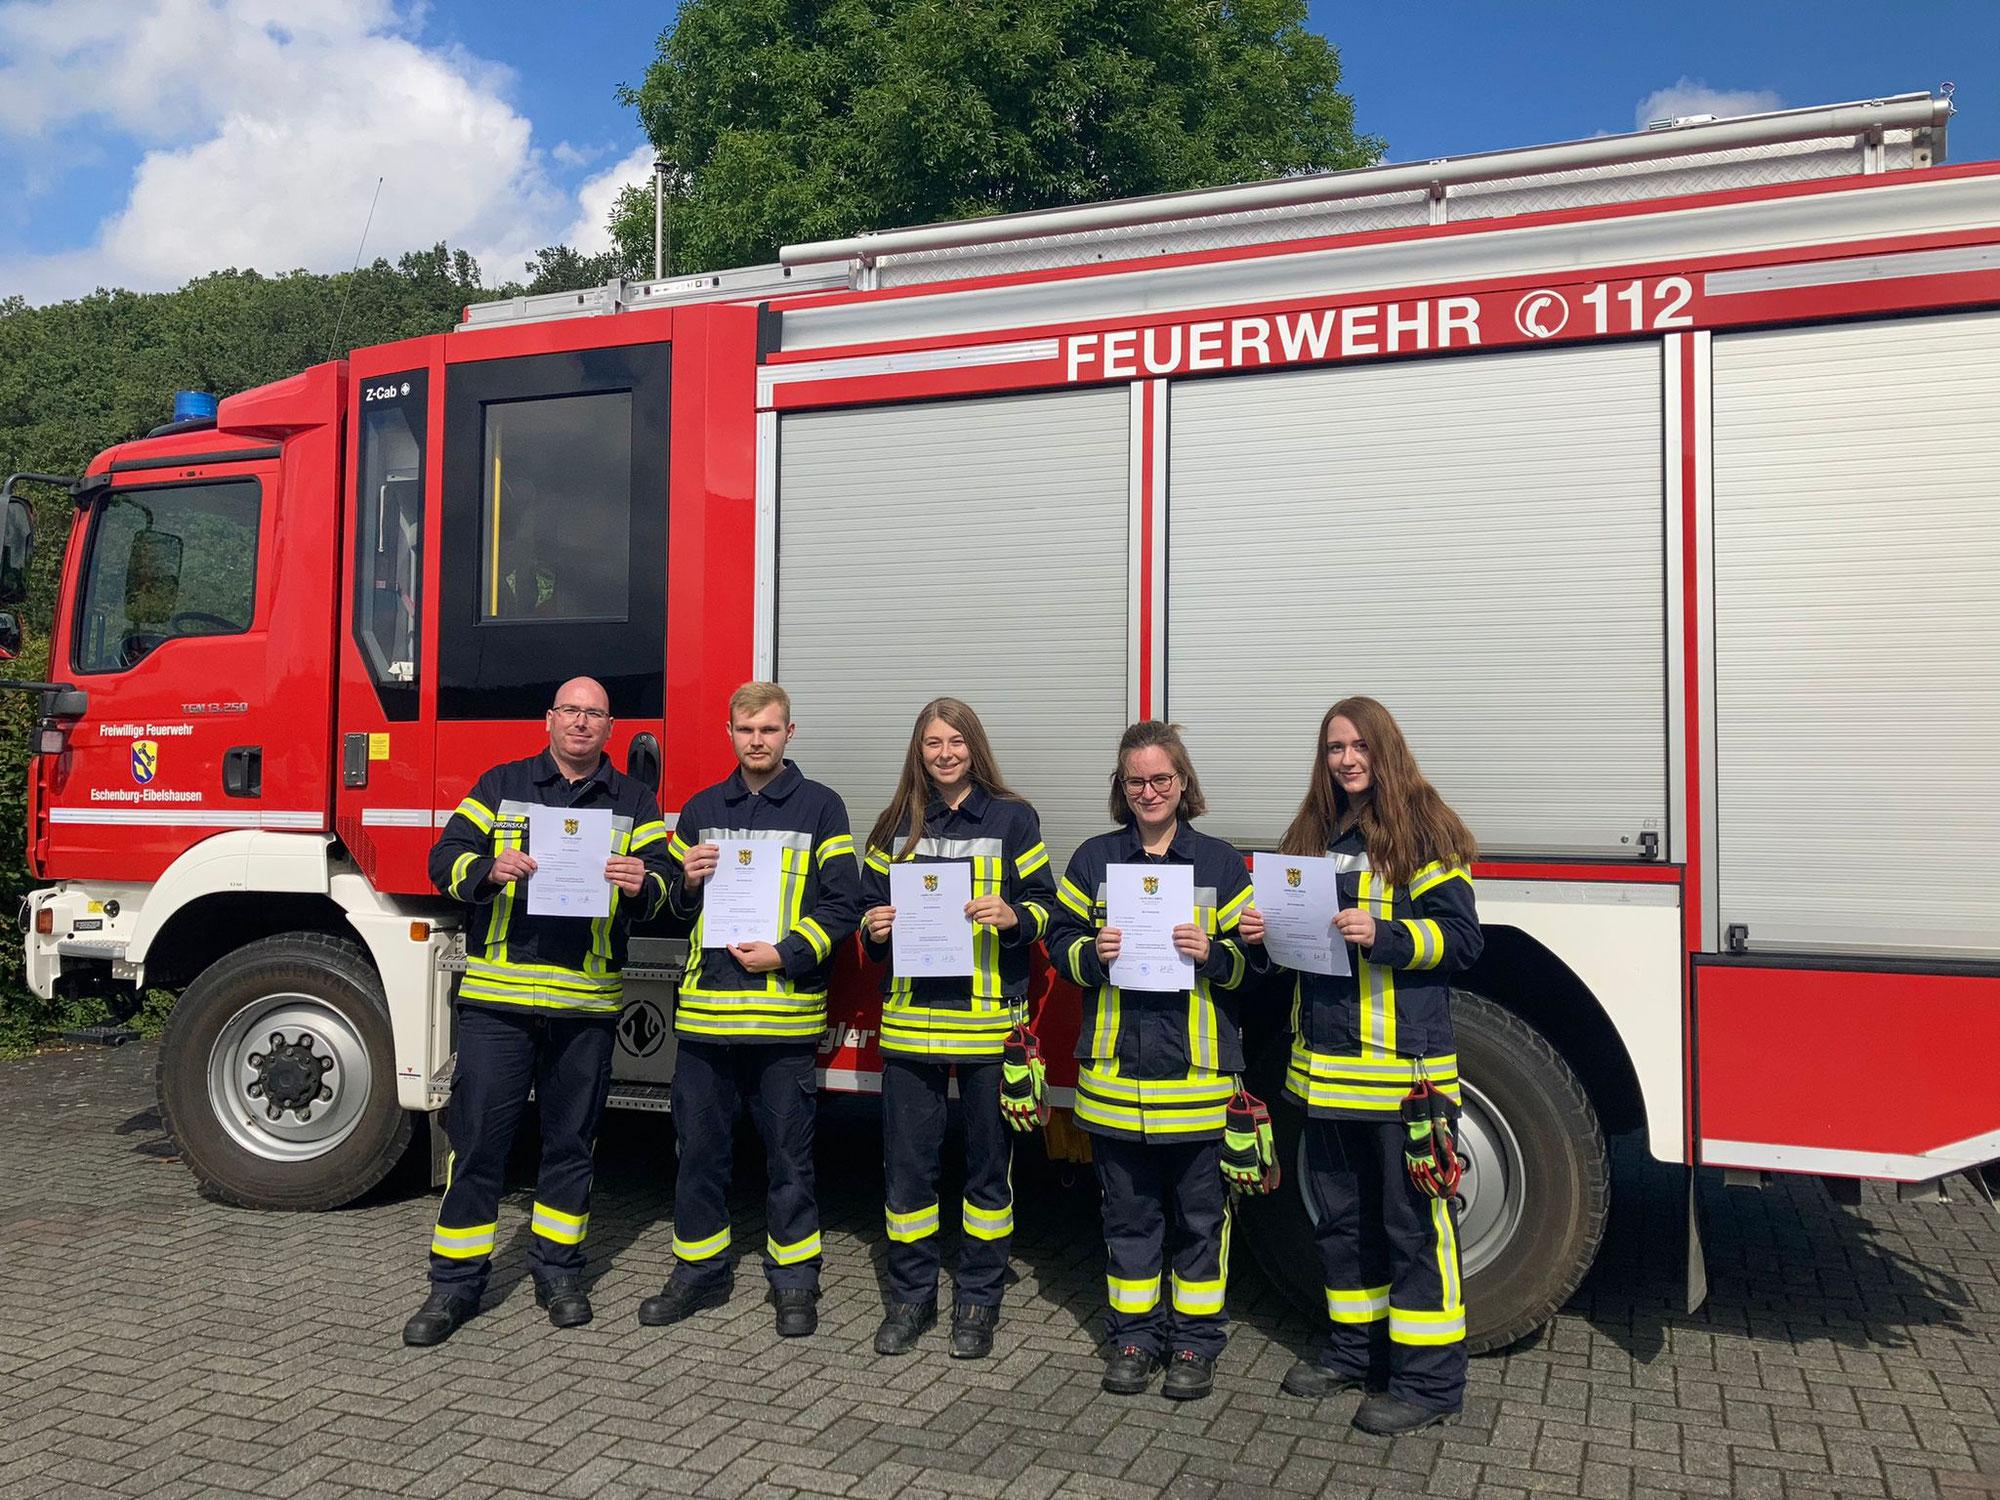 Feuerwehr bekommt weitere Unterstützung